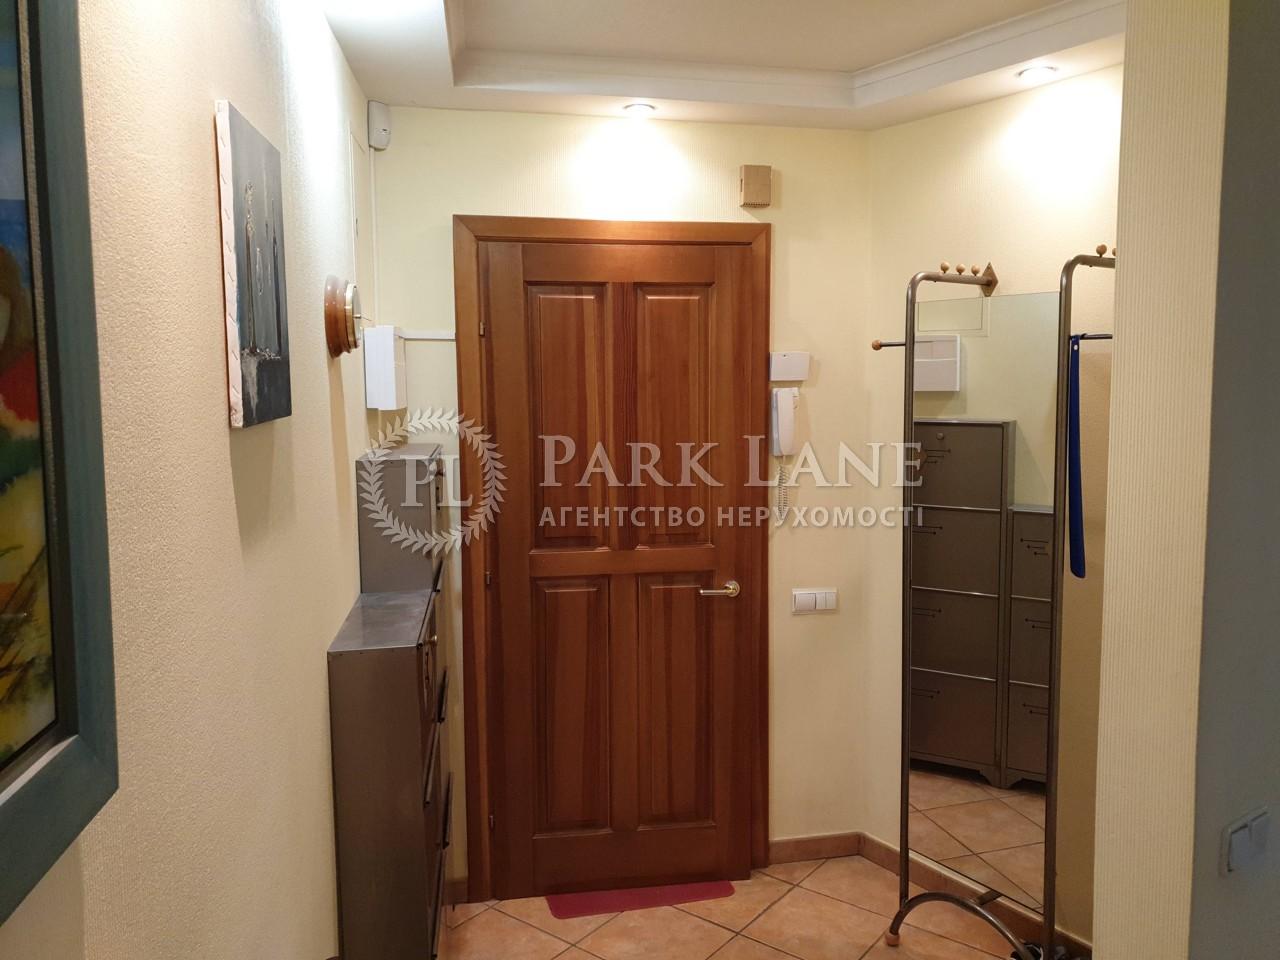 Квартира вул. Гонгадзе (Машинобудівна), 13, Київ, R-27504 - Фото 16